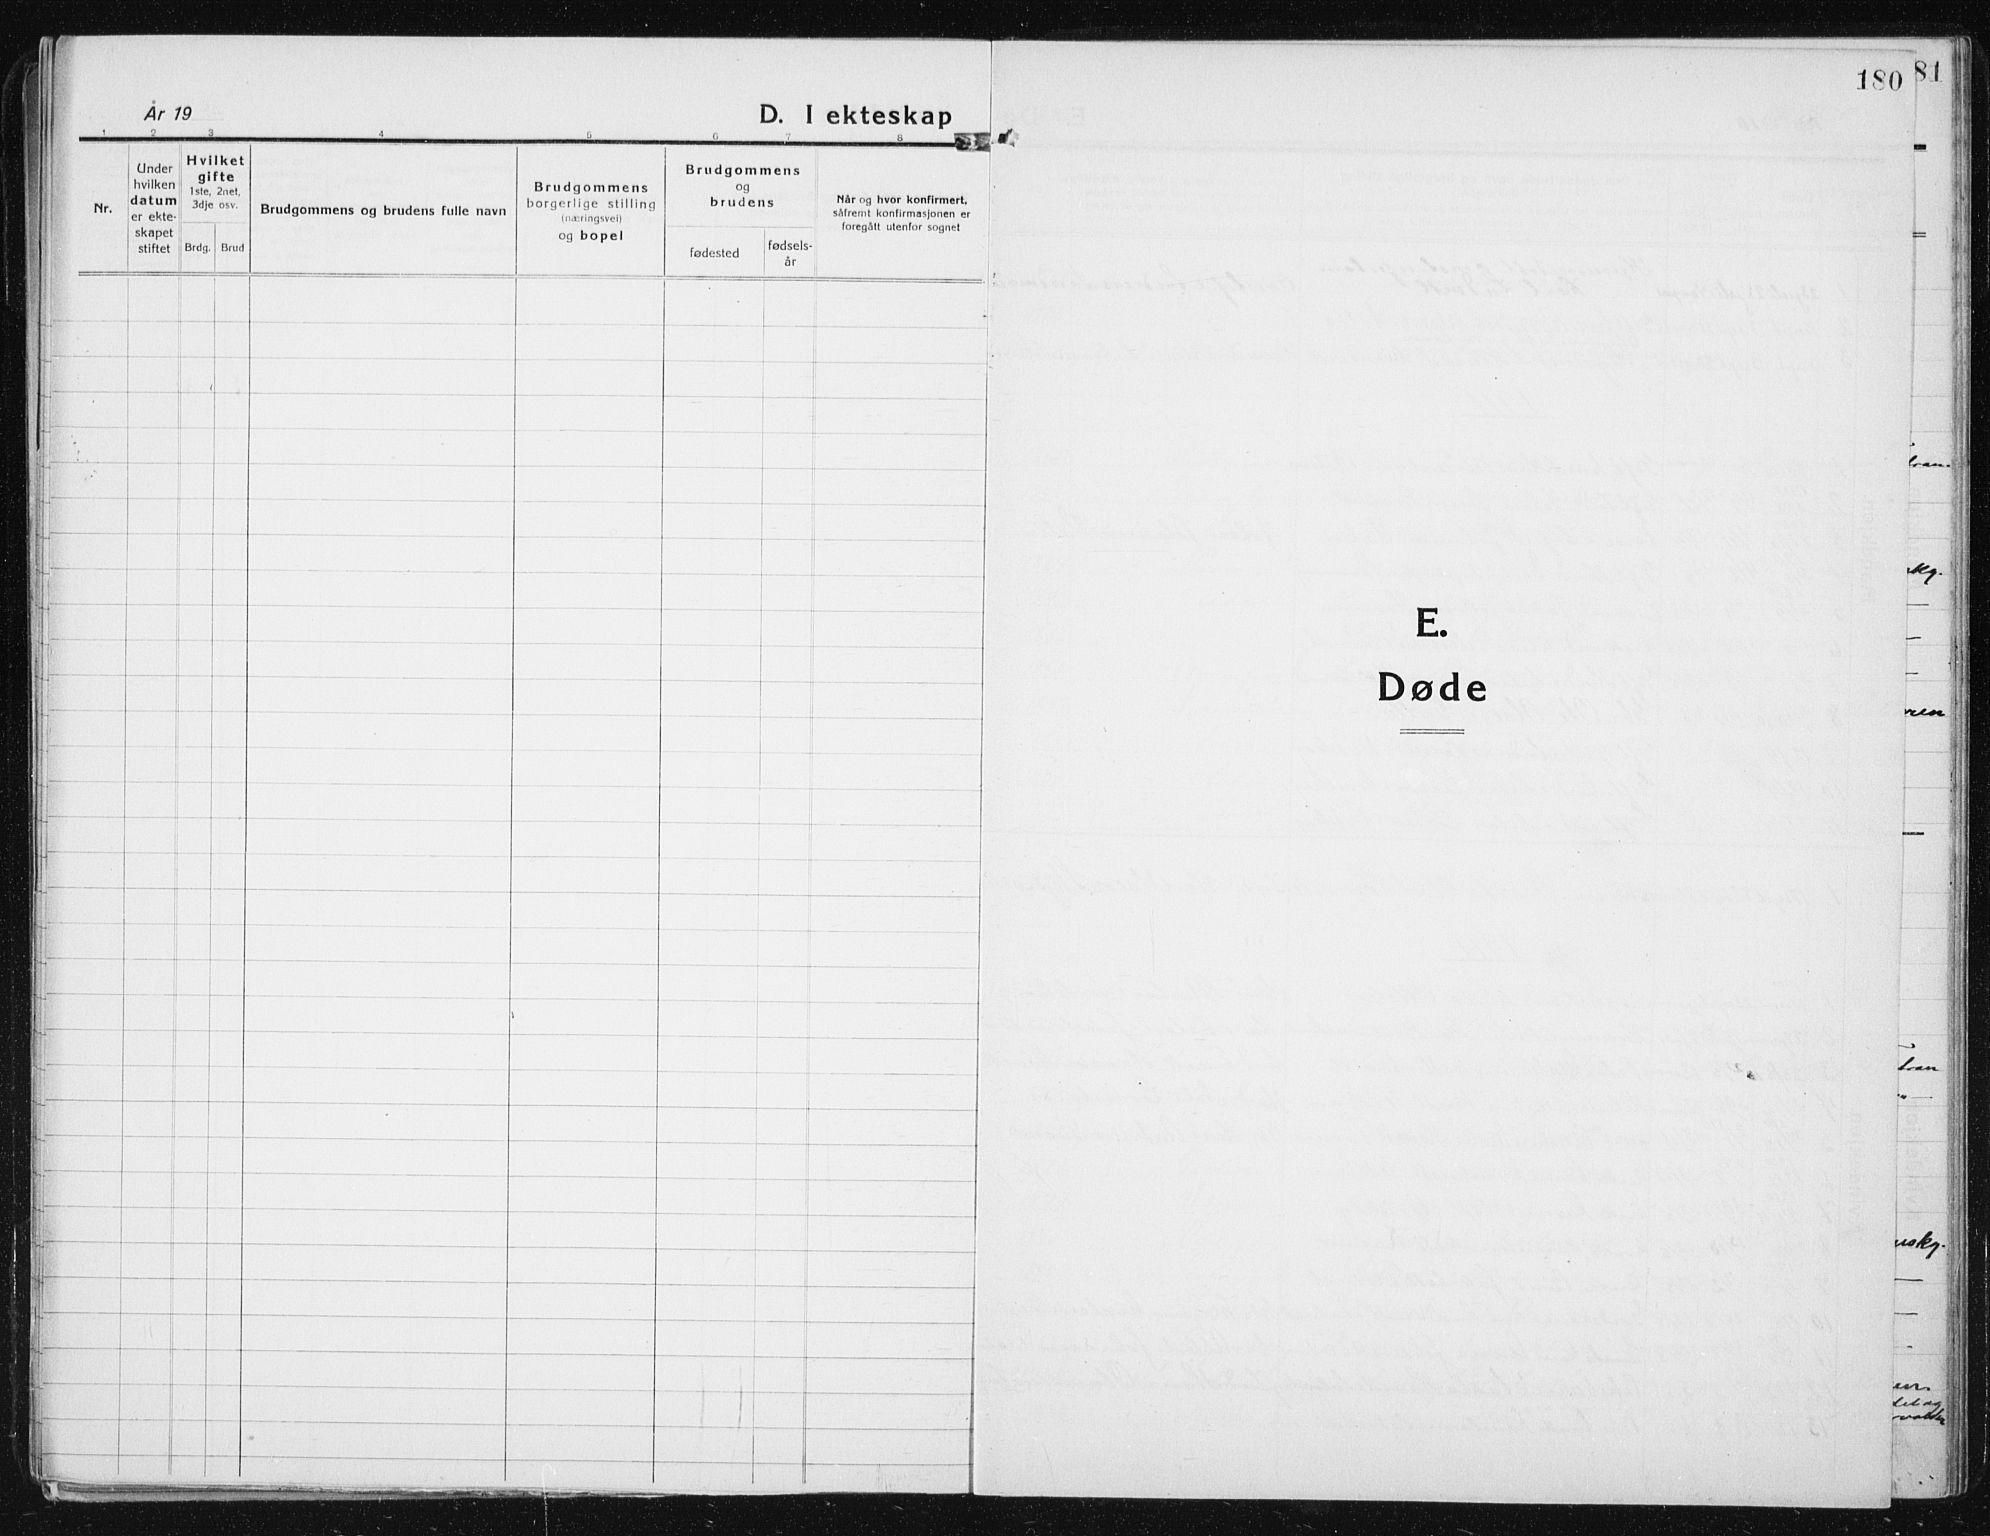 SAT, Ministerialprotokoller, klokkerbøker og fødselsregistre - Sør-Trøndelag, 641/L0599: Klokkerbok nr. 641C03, 1910-1938, s. 180